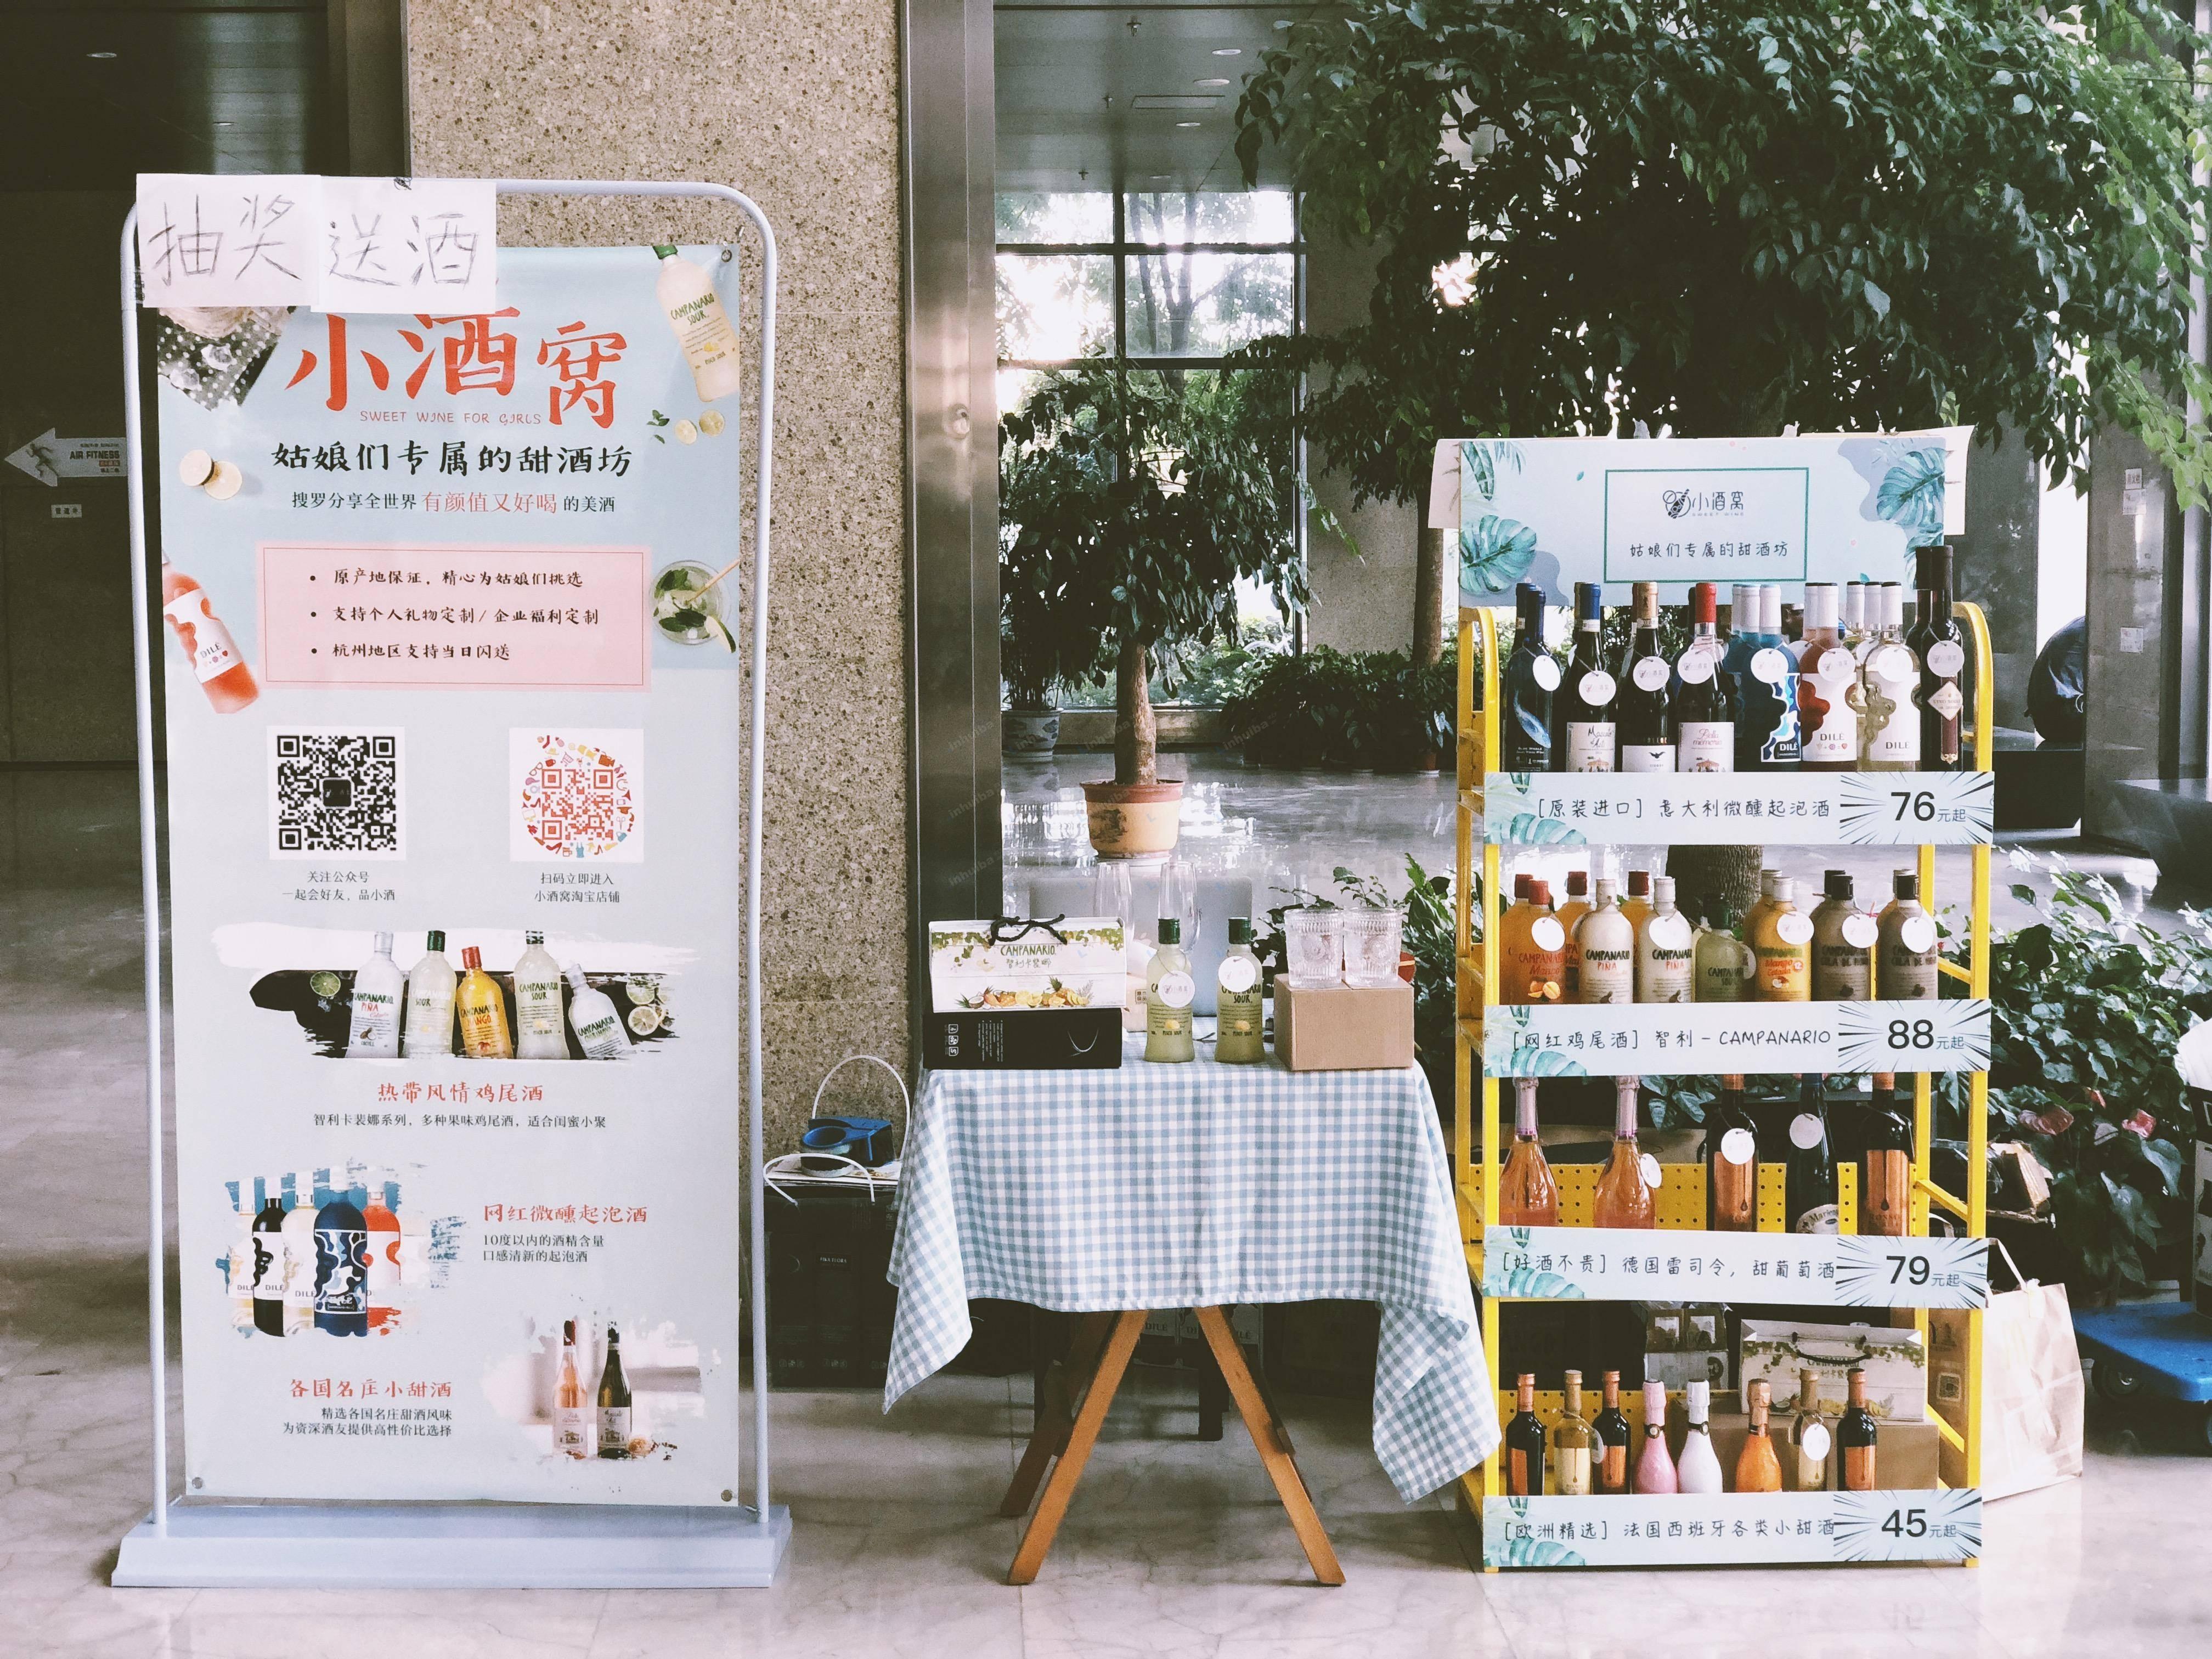 小酒窝-杭州上峰产业园